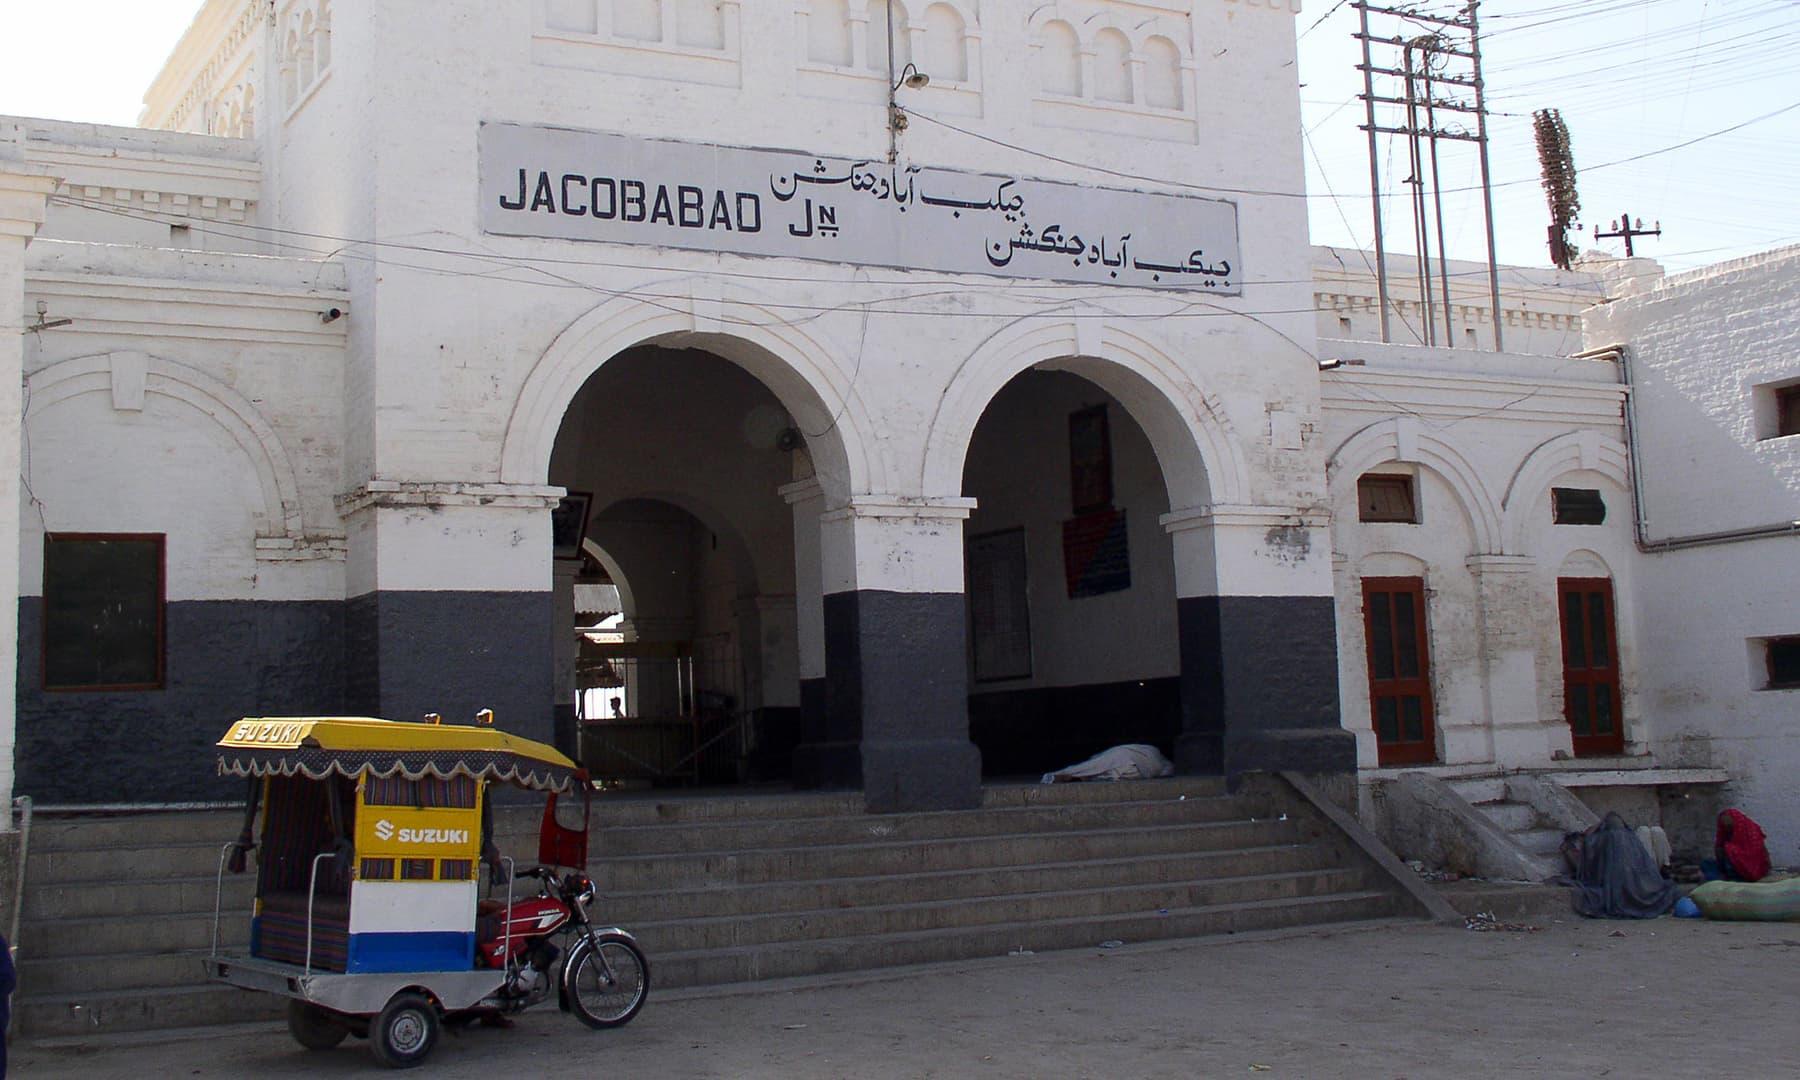 جیکب آباد ریلوے اسٹیشن